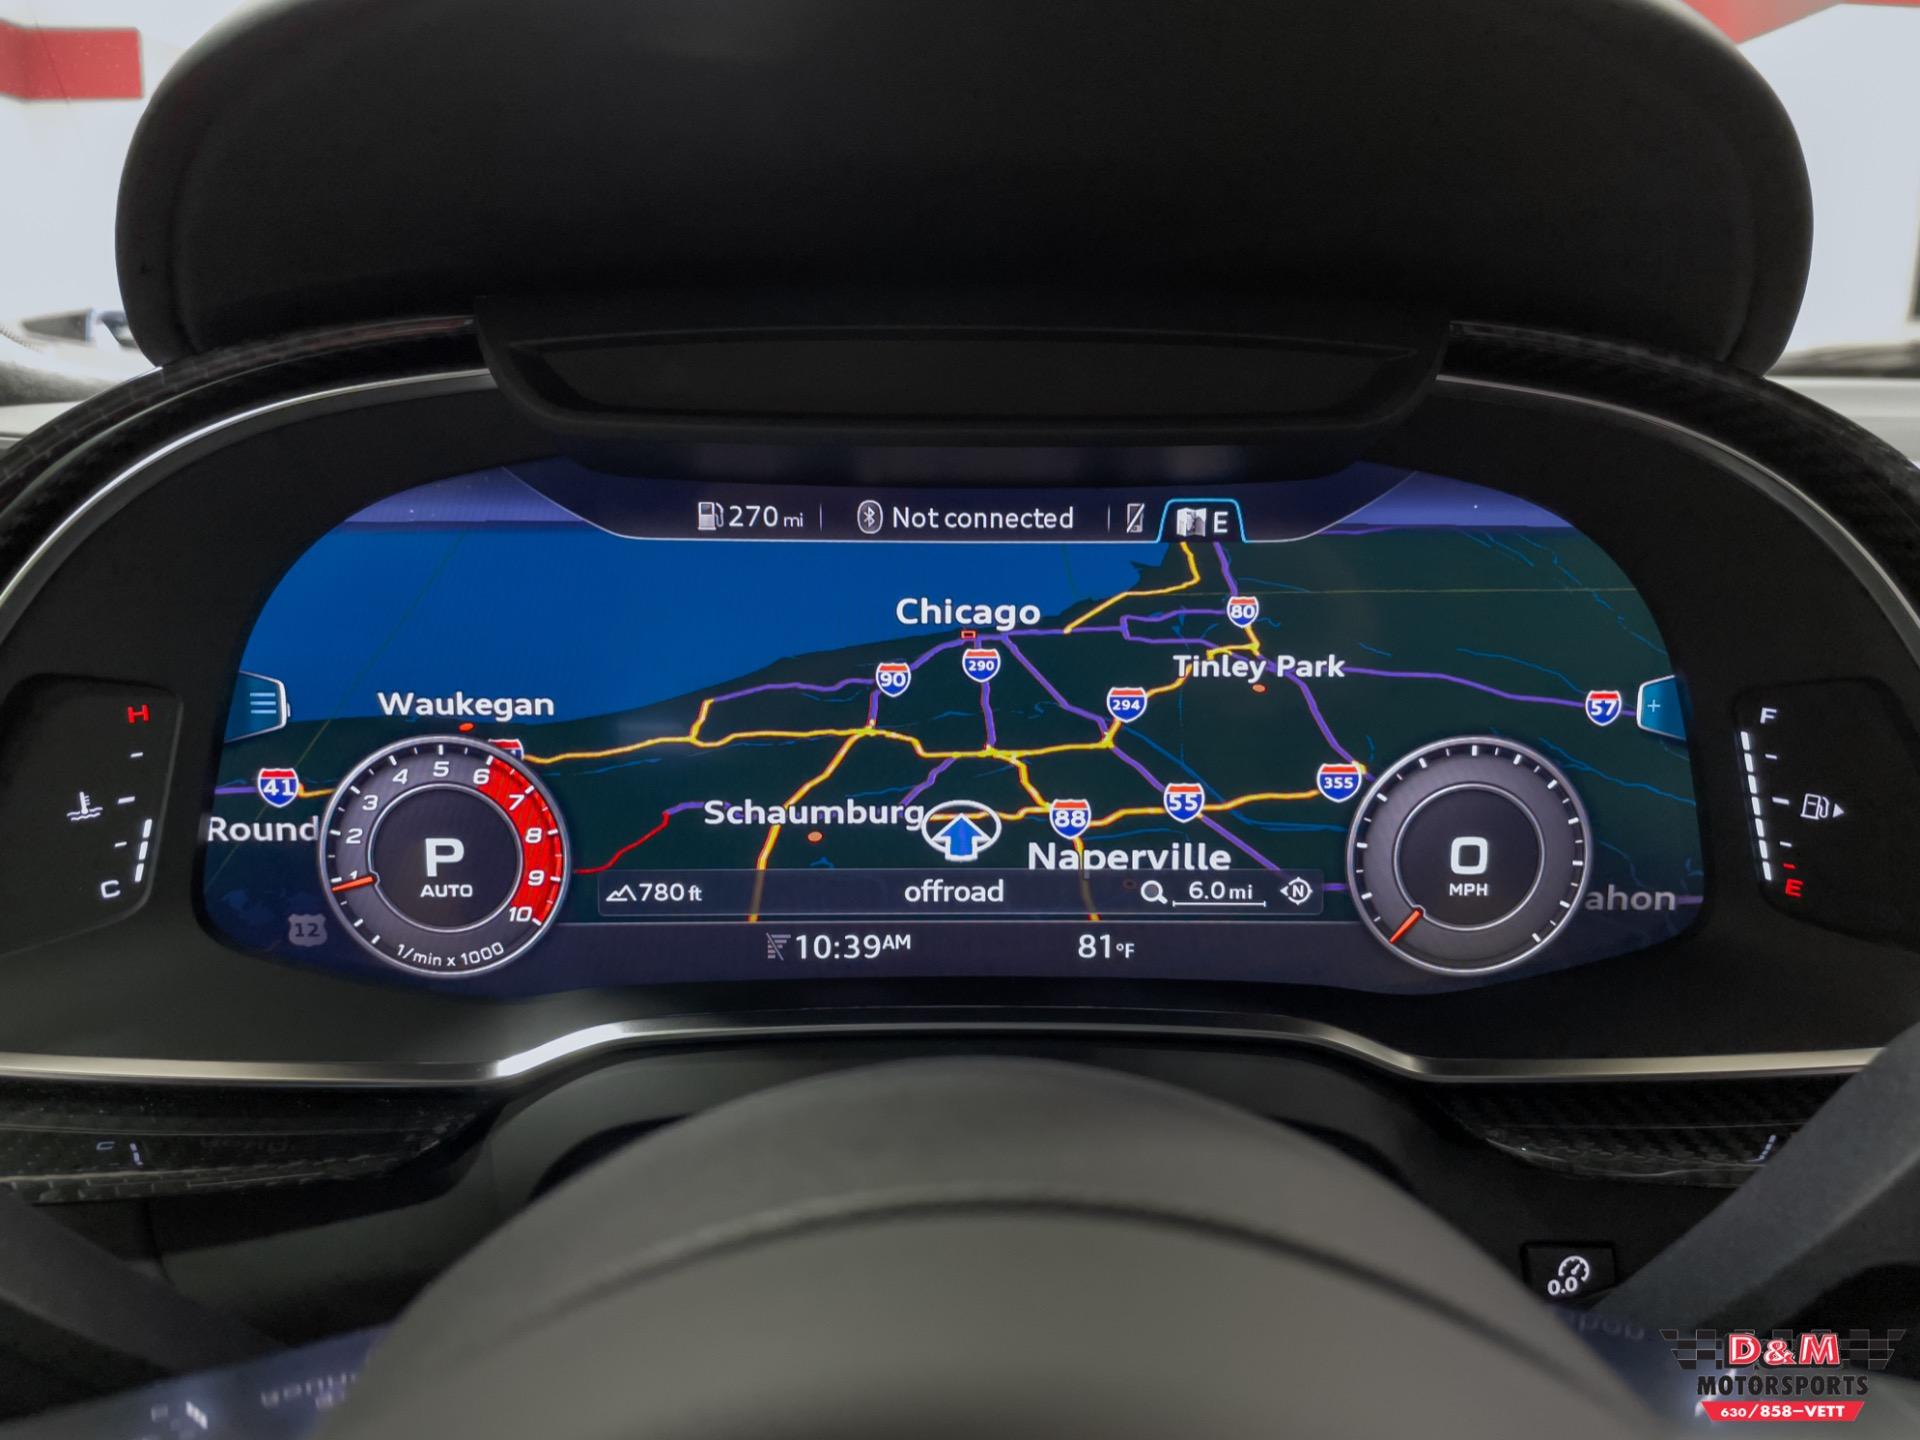 Used 2020 Audi R8 5.2 quattro performance | Glen Ellyn, IL